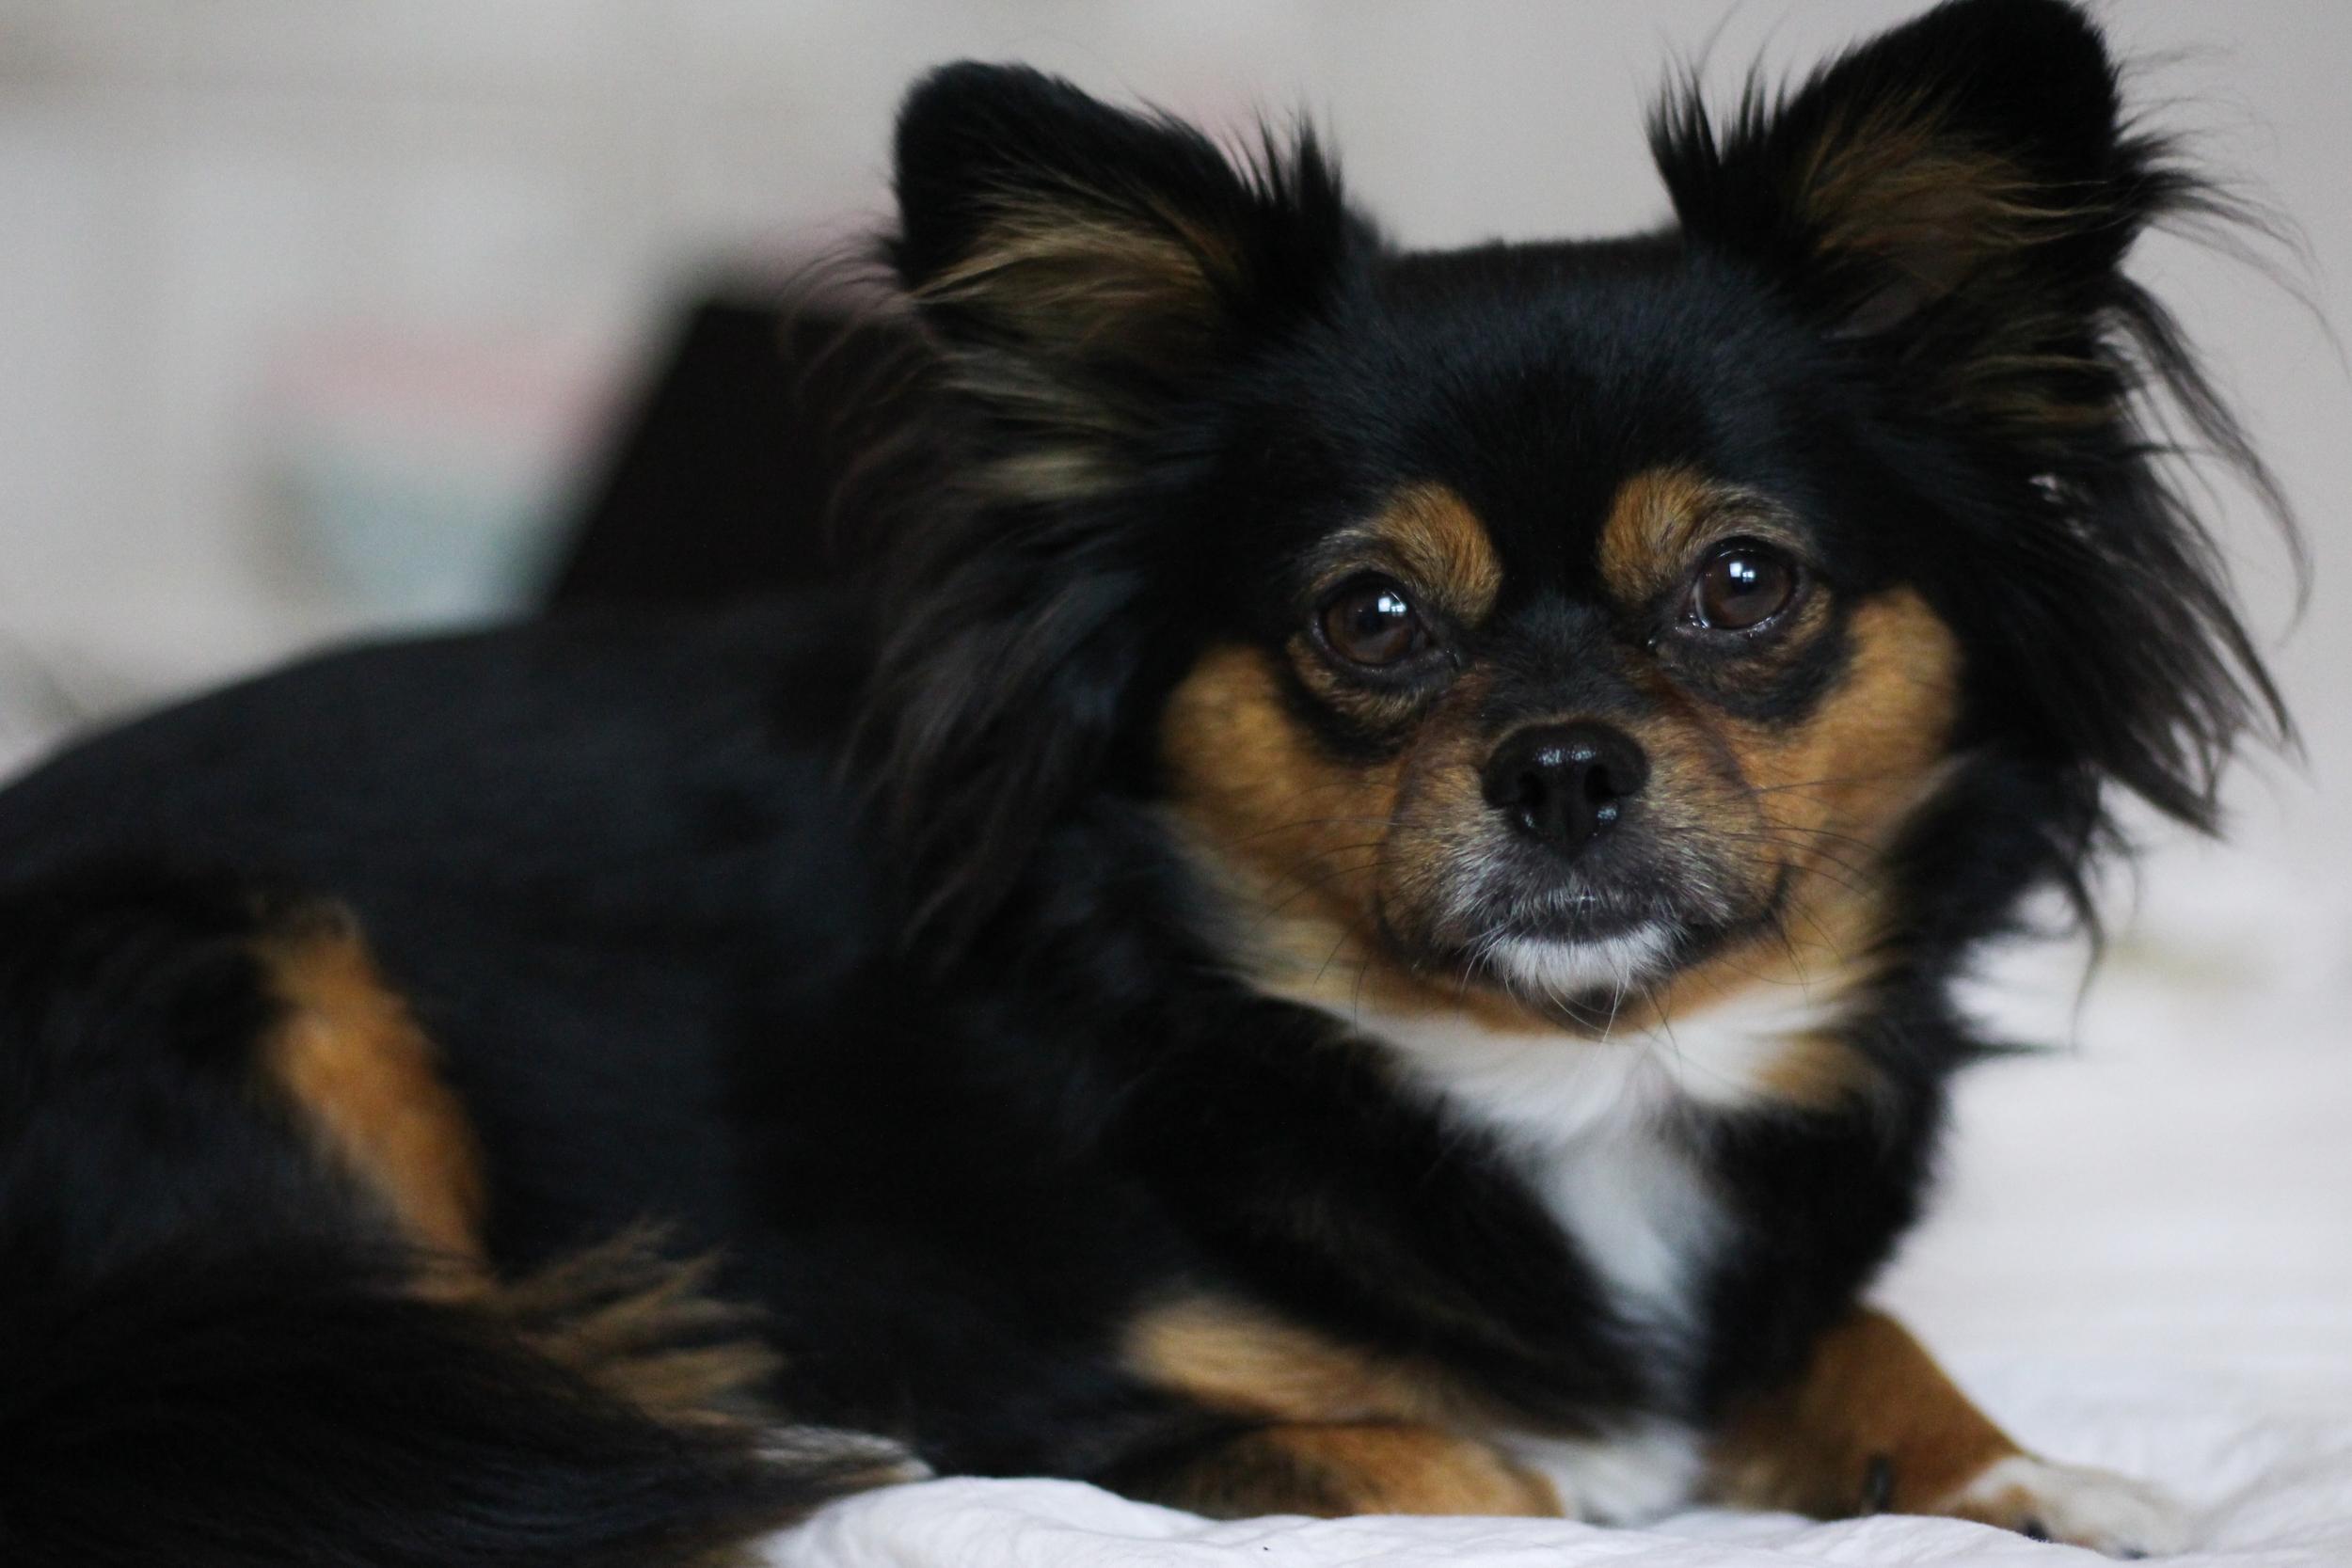 franziska-elea-blogger-aus-muenchen-fashionblog-chihuahua-hund-studium-mit-hund-studieren-rumaenischer-strassenhund-adoptieren-tier-retten-haustier